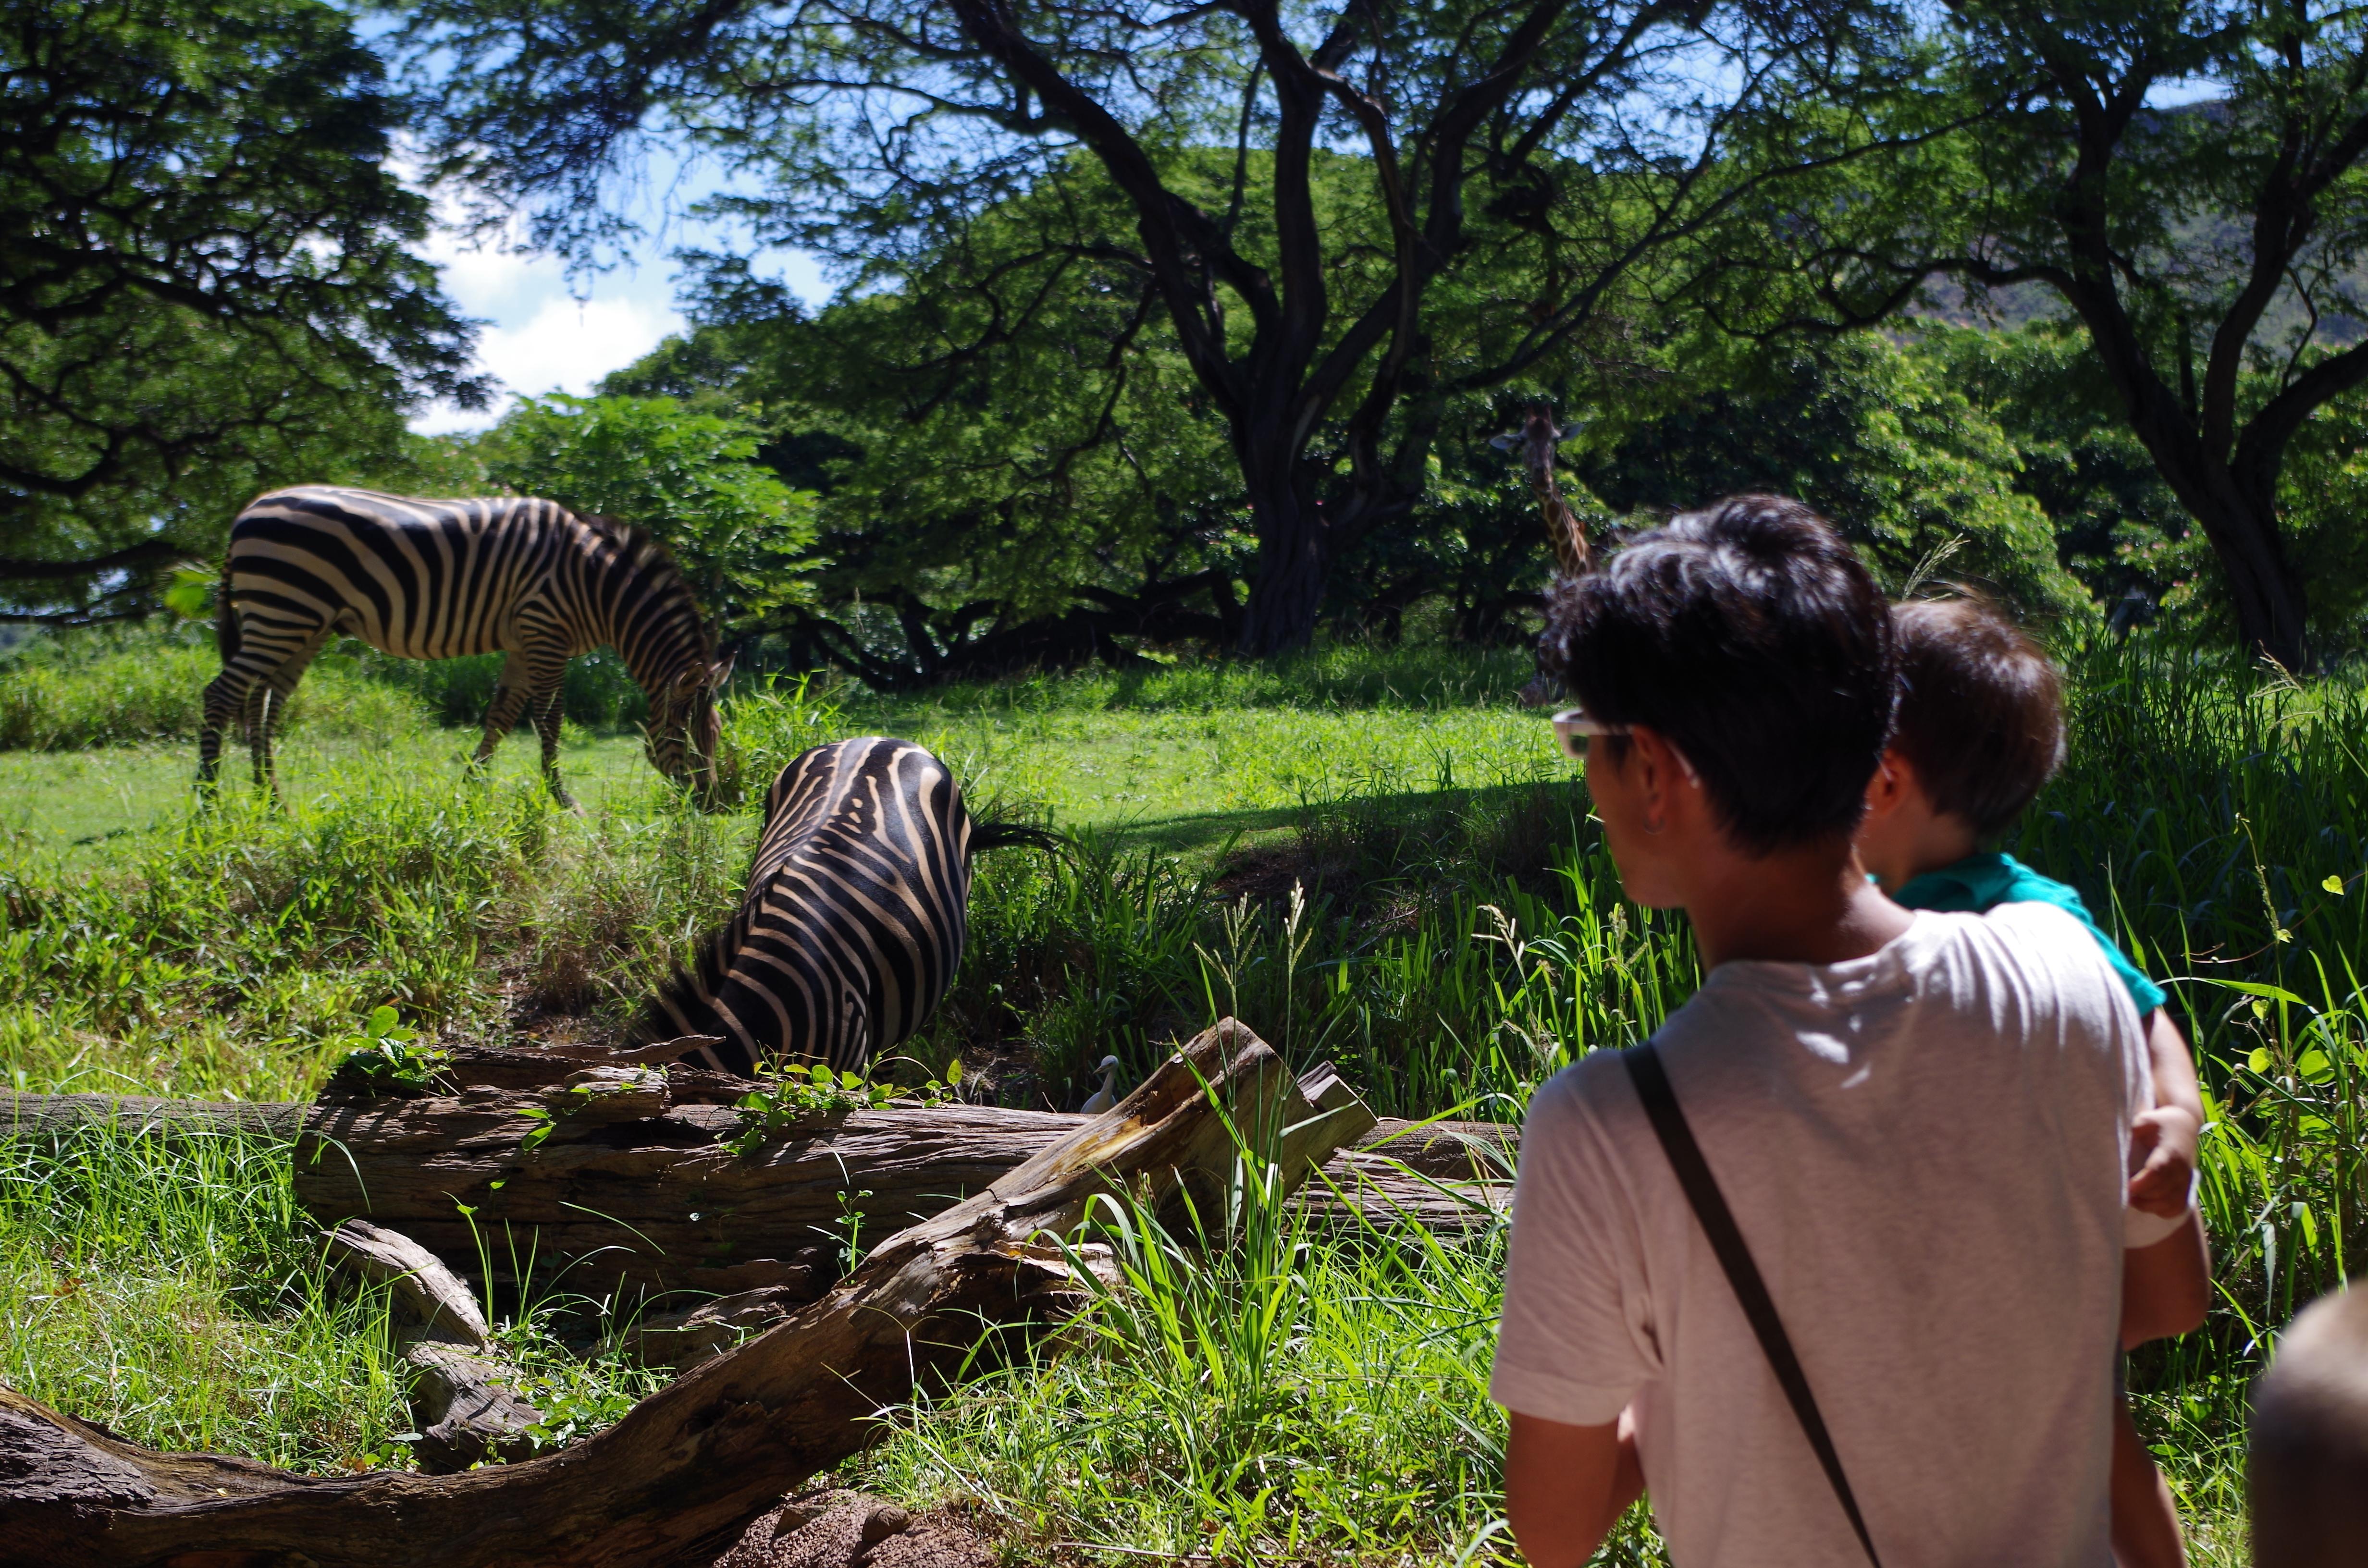 ホノルル動物園は遊具もあって子連れで1日遊べるオススメスポット|子連れハワイブログ